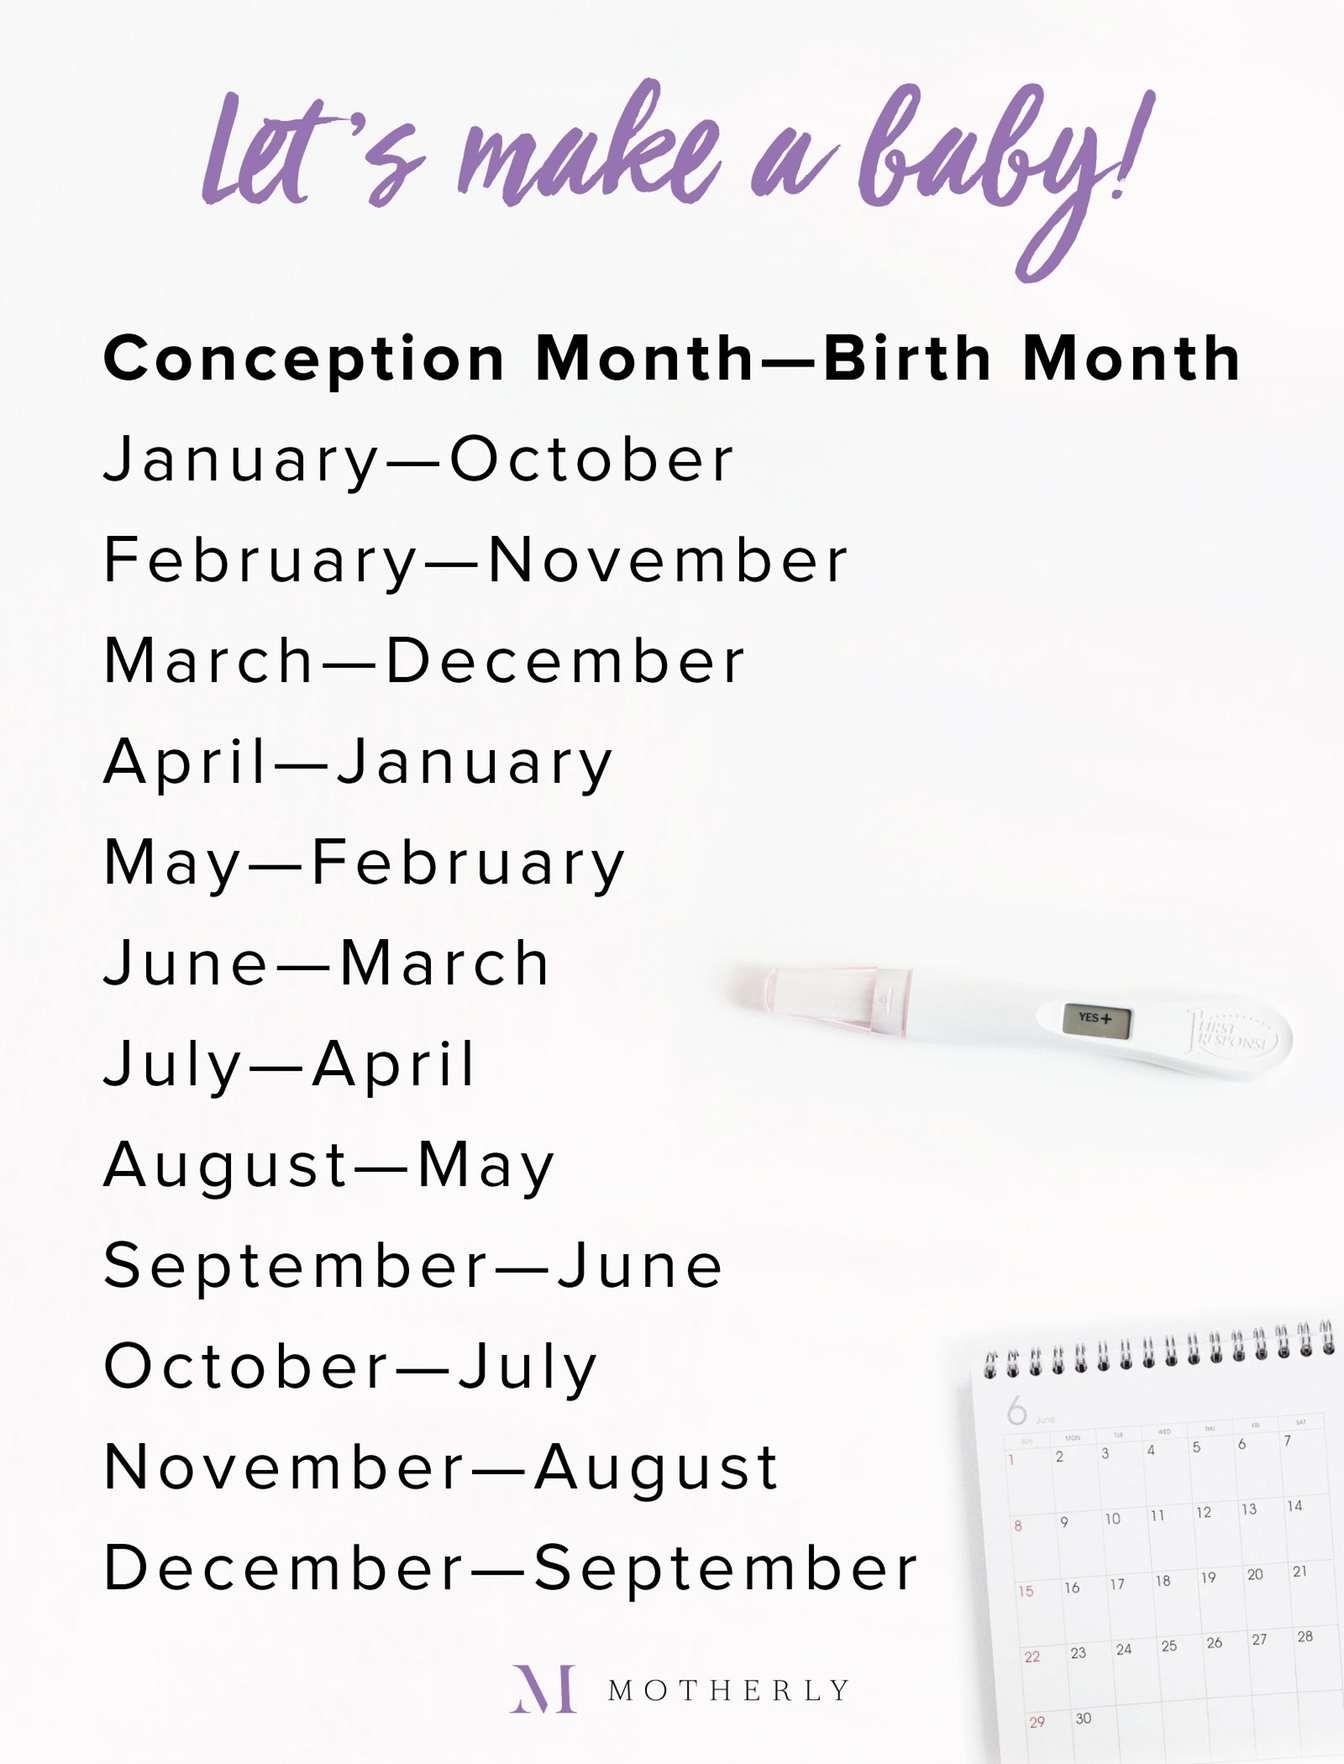 Conception Calendar Calculator